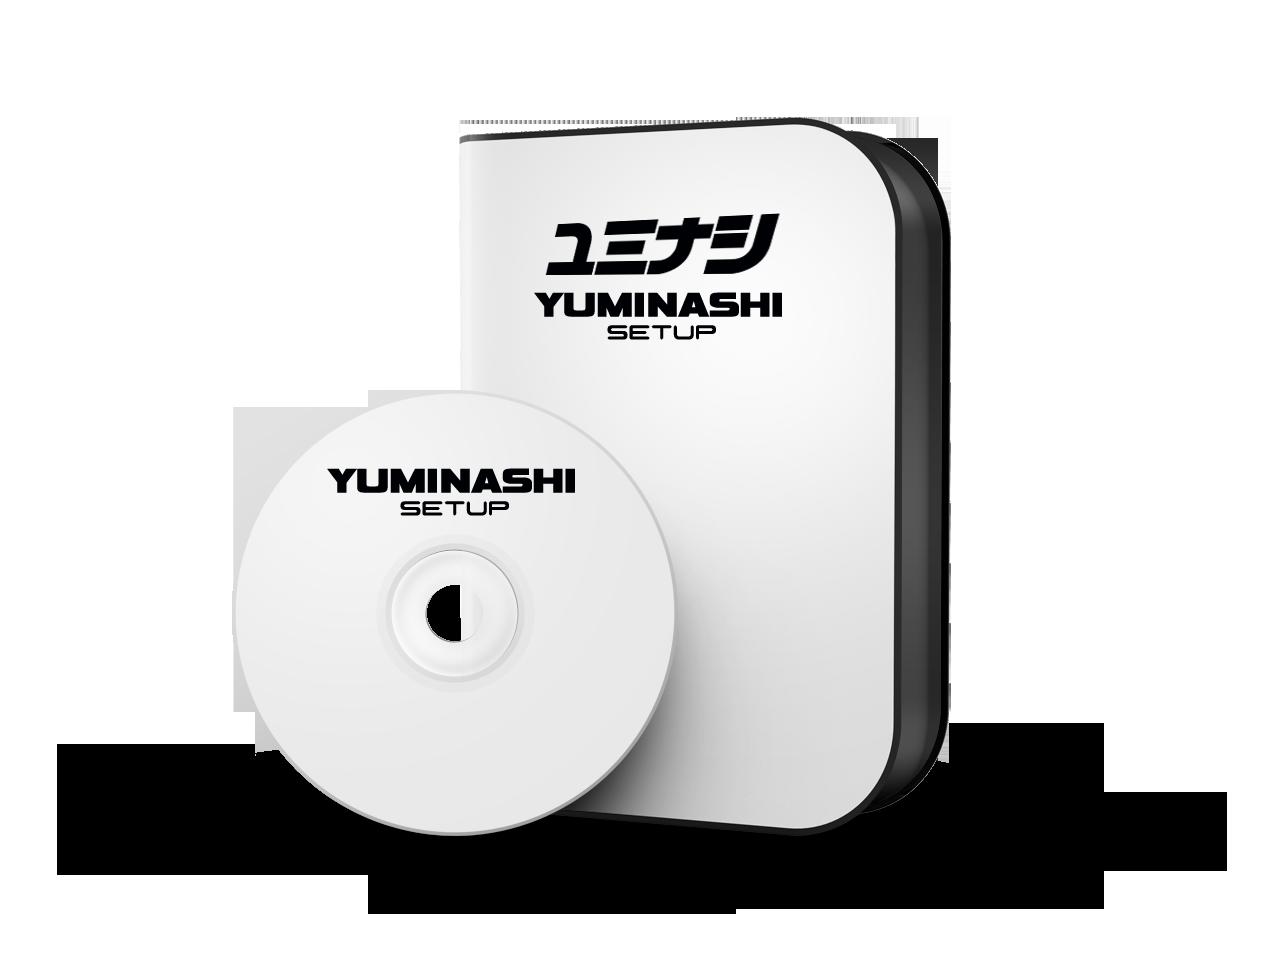 03-yuminashi-setup-vector.png